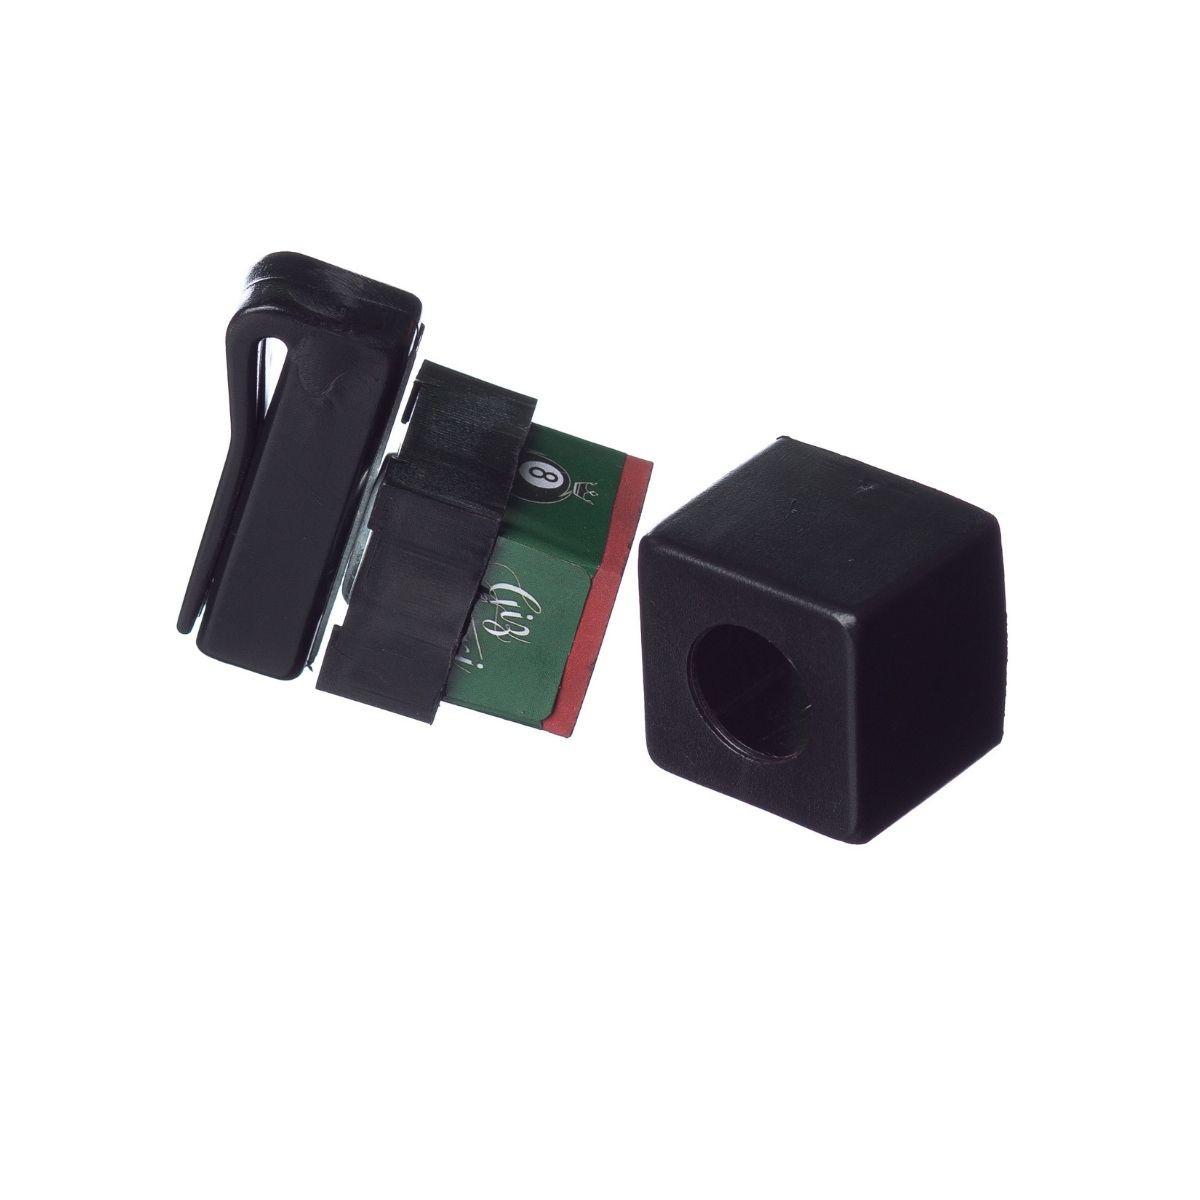 Porta Giz Magnético - Suporte Para Giz Profissional